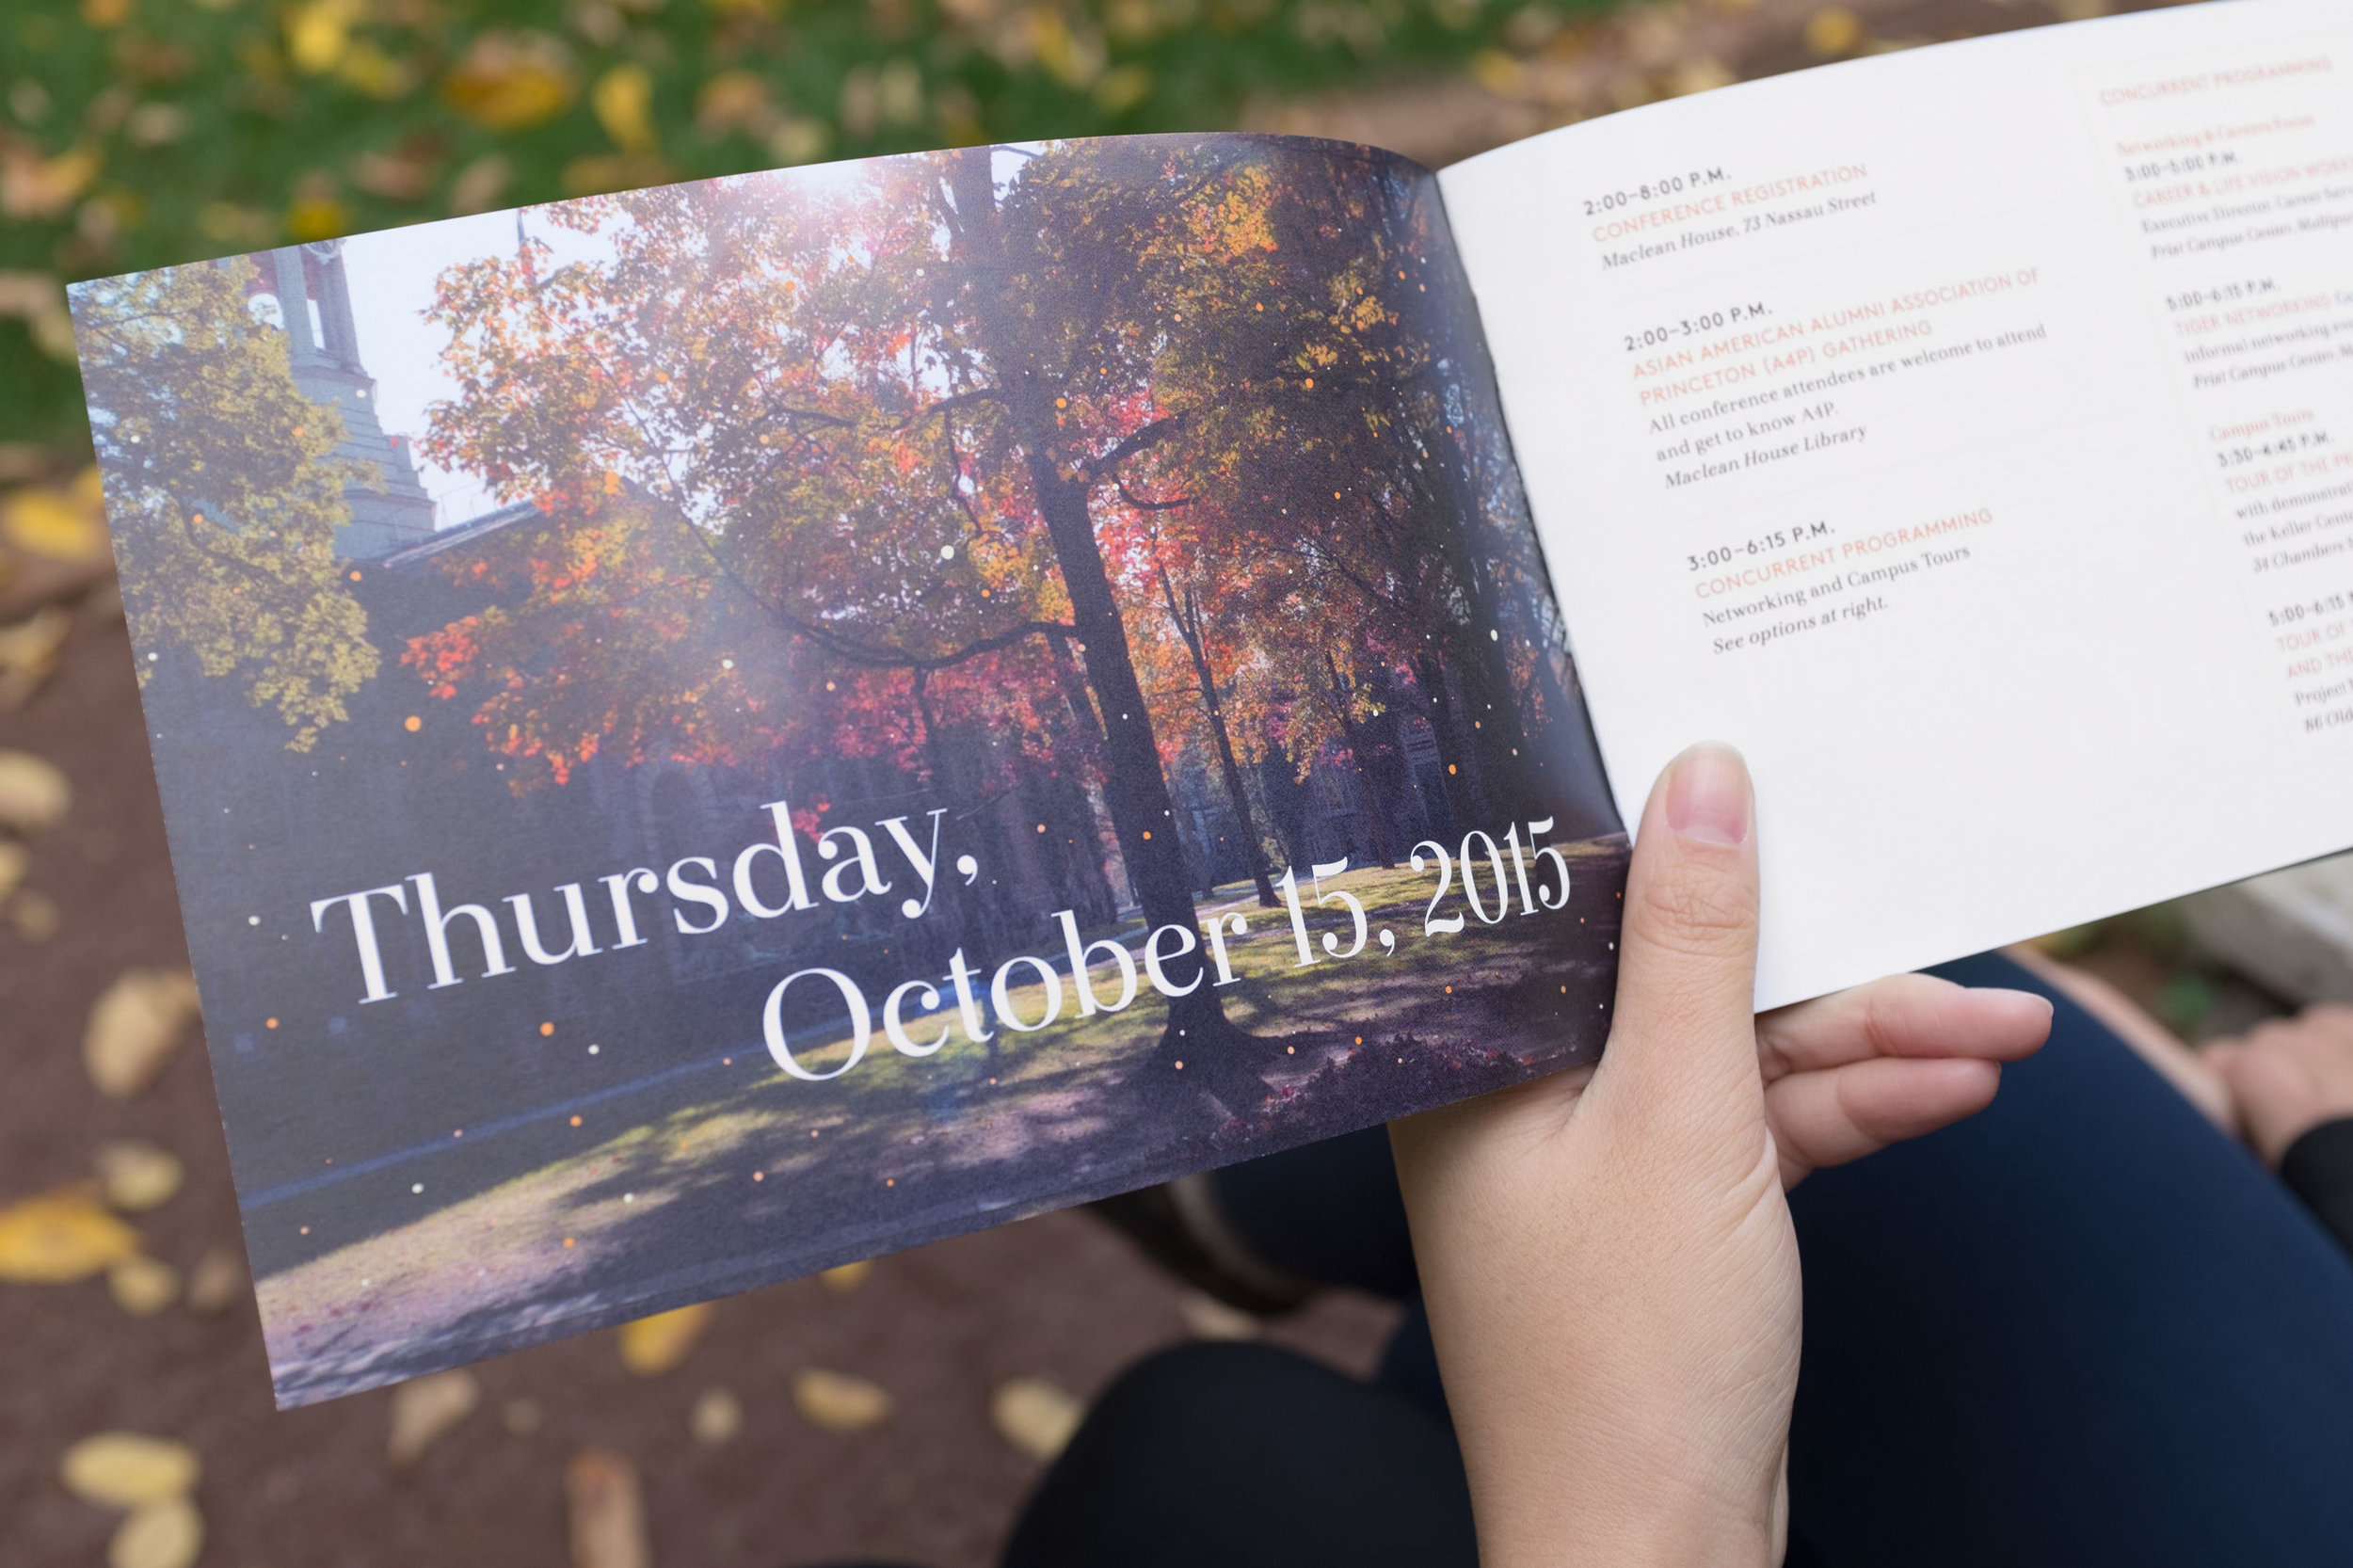 weflourish_brochurespread1-1345x897@2x.jpg